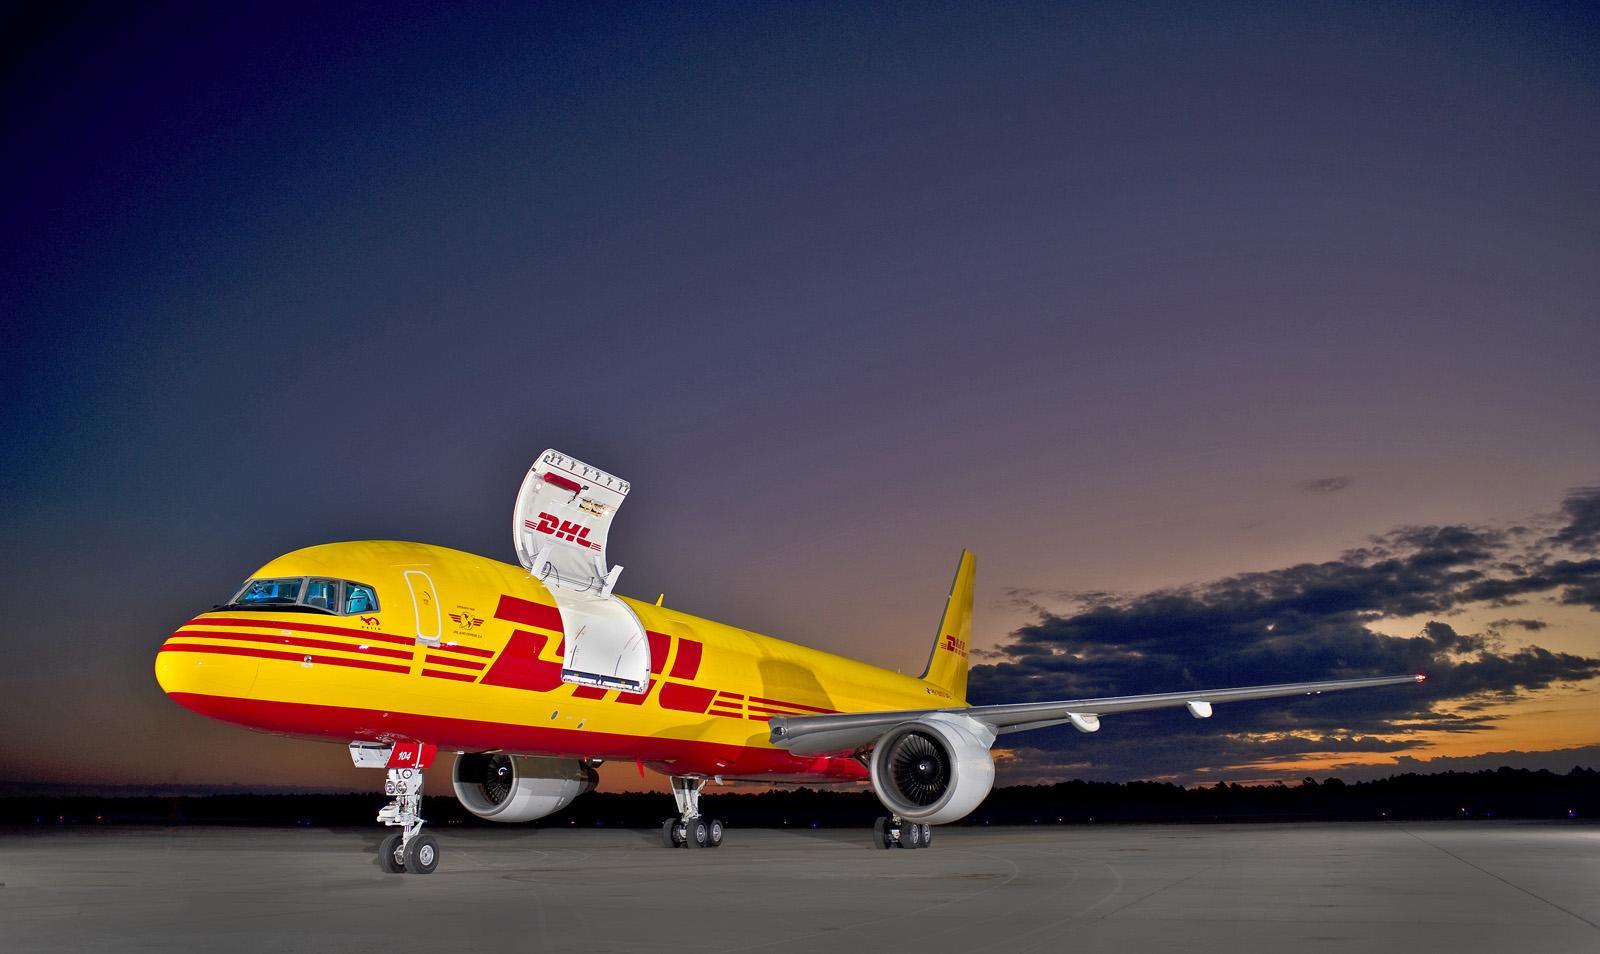 2019年01月 UPS/FedEx/DHL/TNT 国际快递 燃油附加费